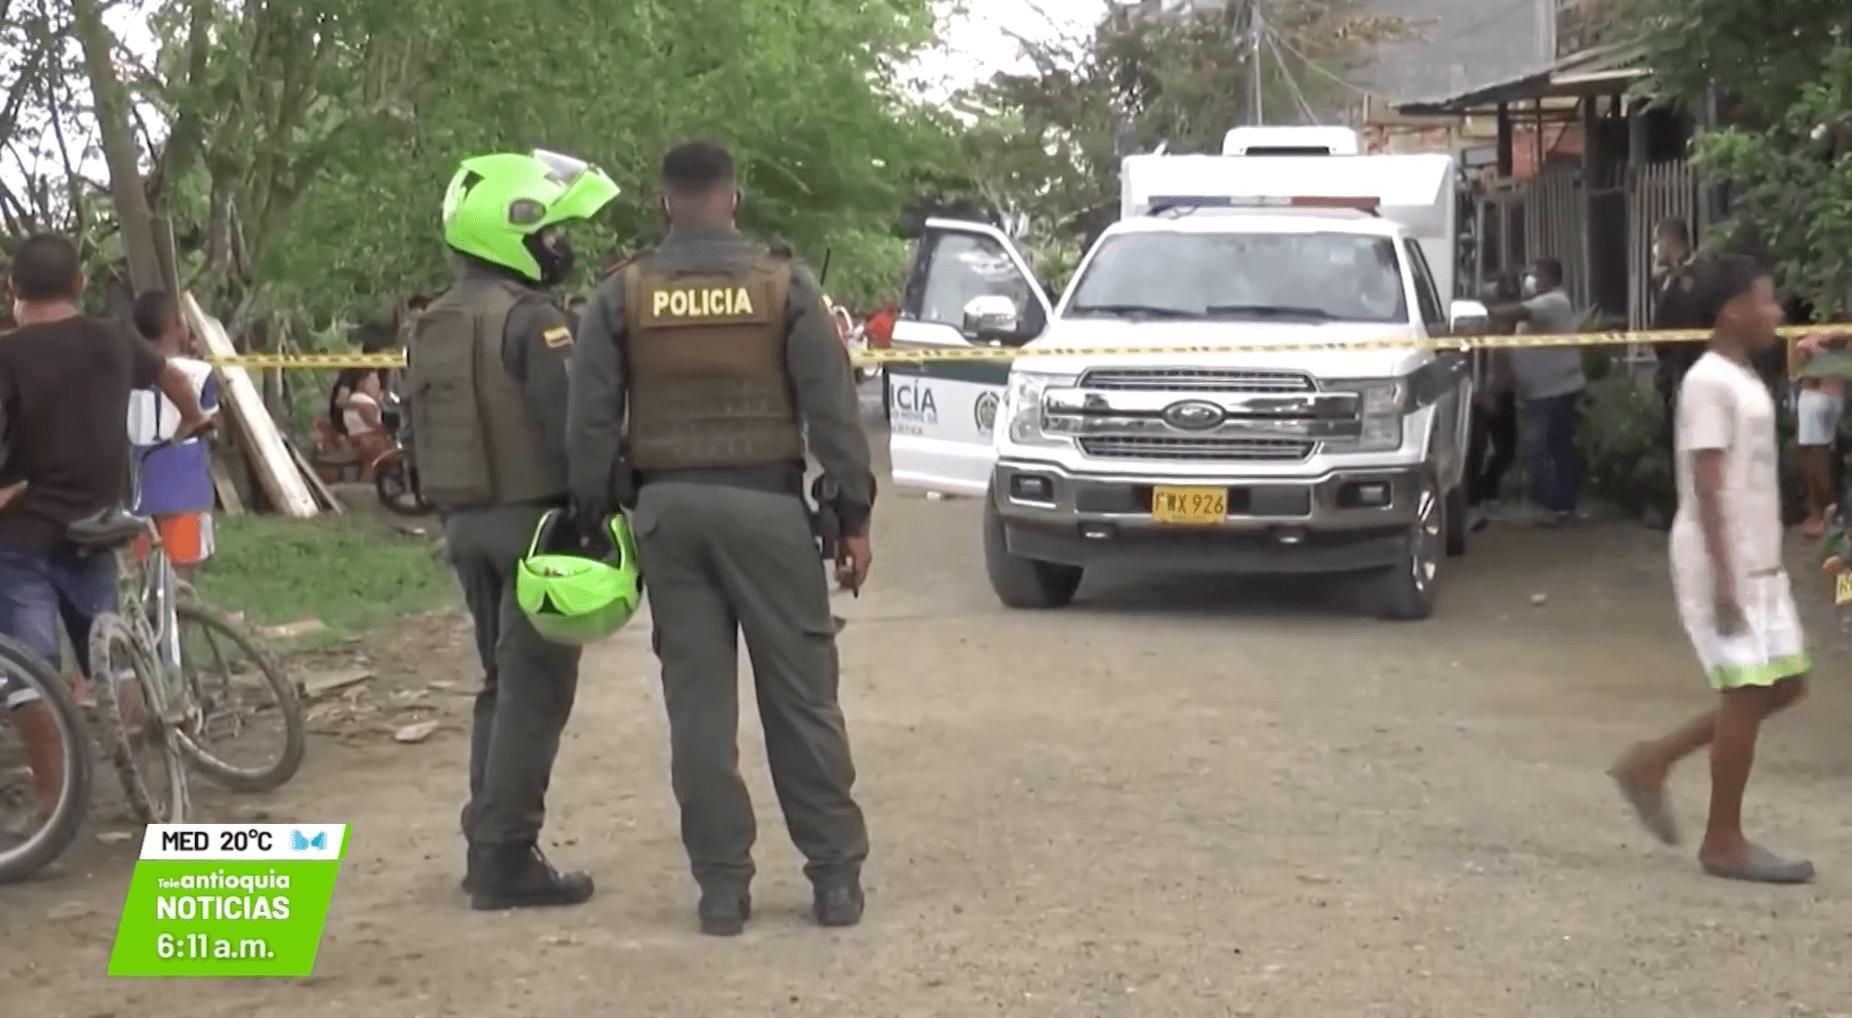 Ataque armado: un policía muerto y dos menores heridos